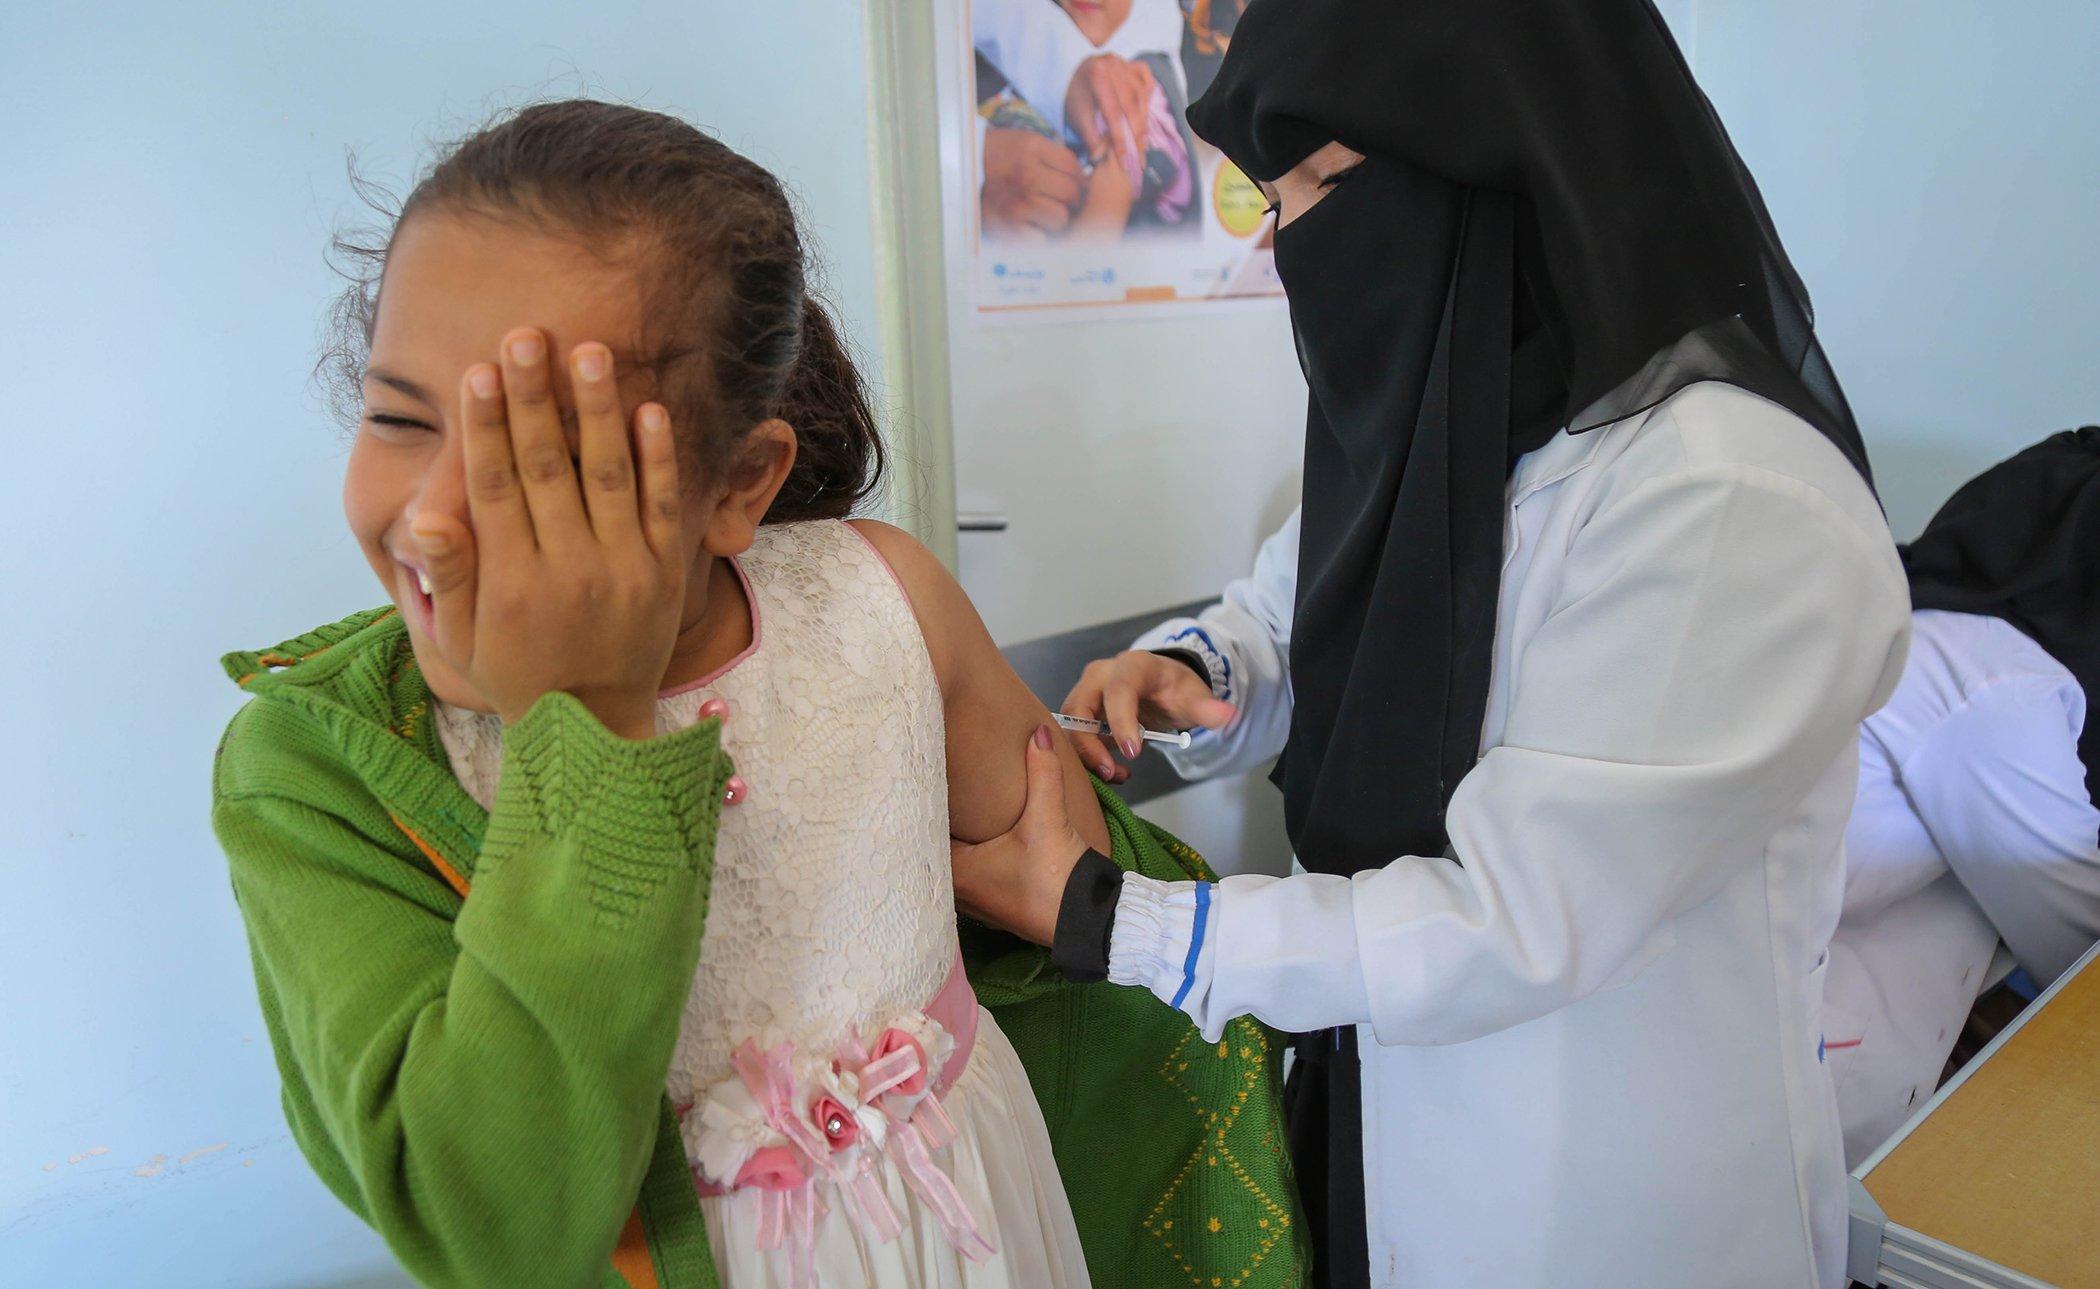 World-Immunization-Week-Vaccines-Children-003.jpg